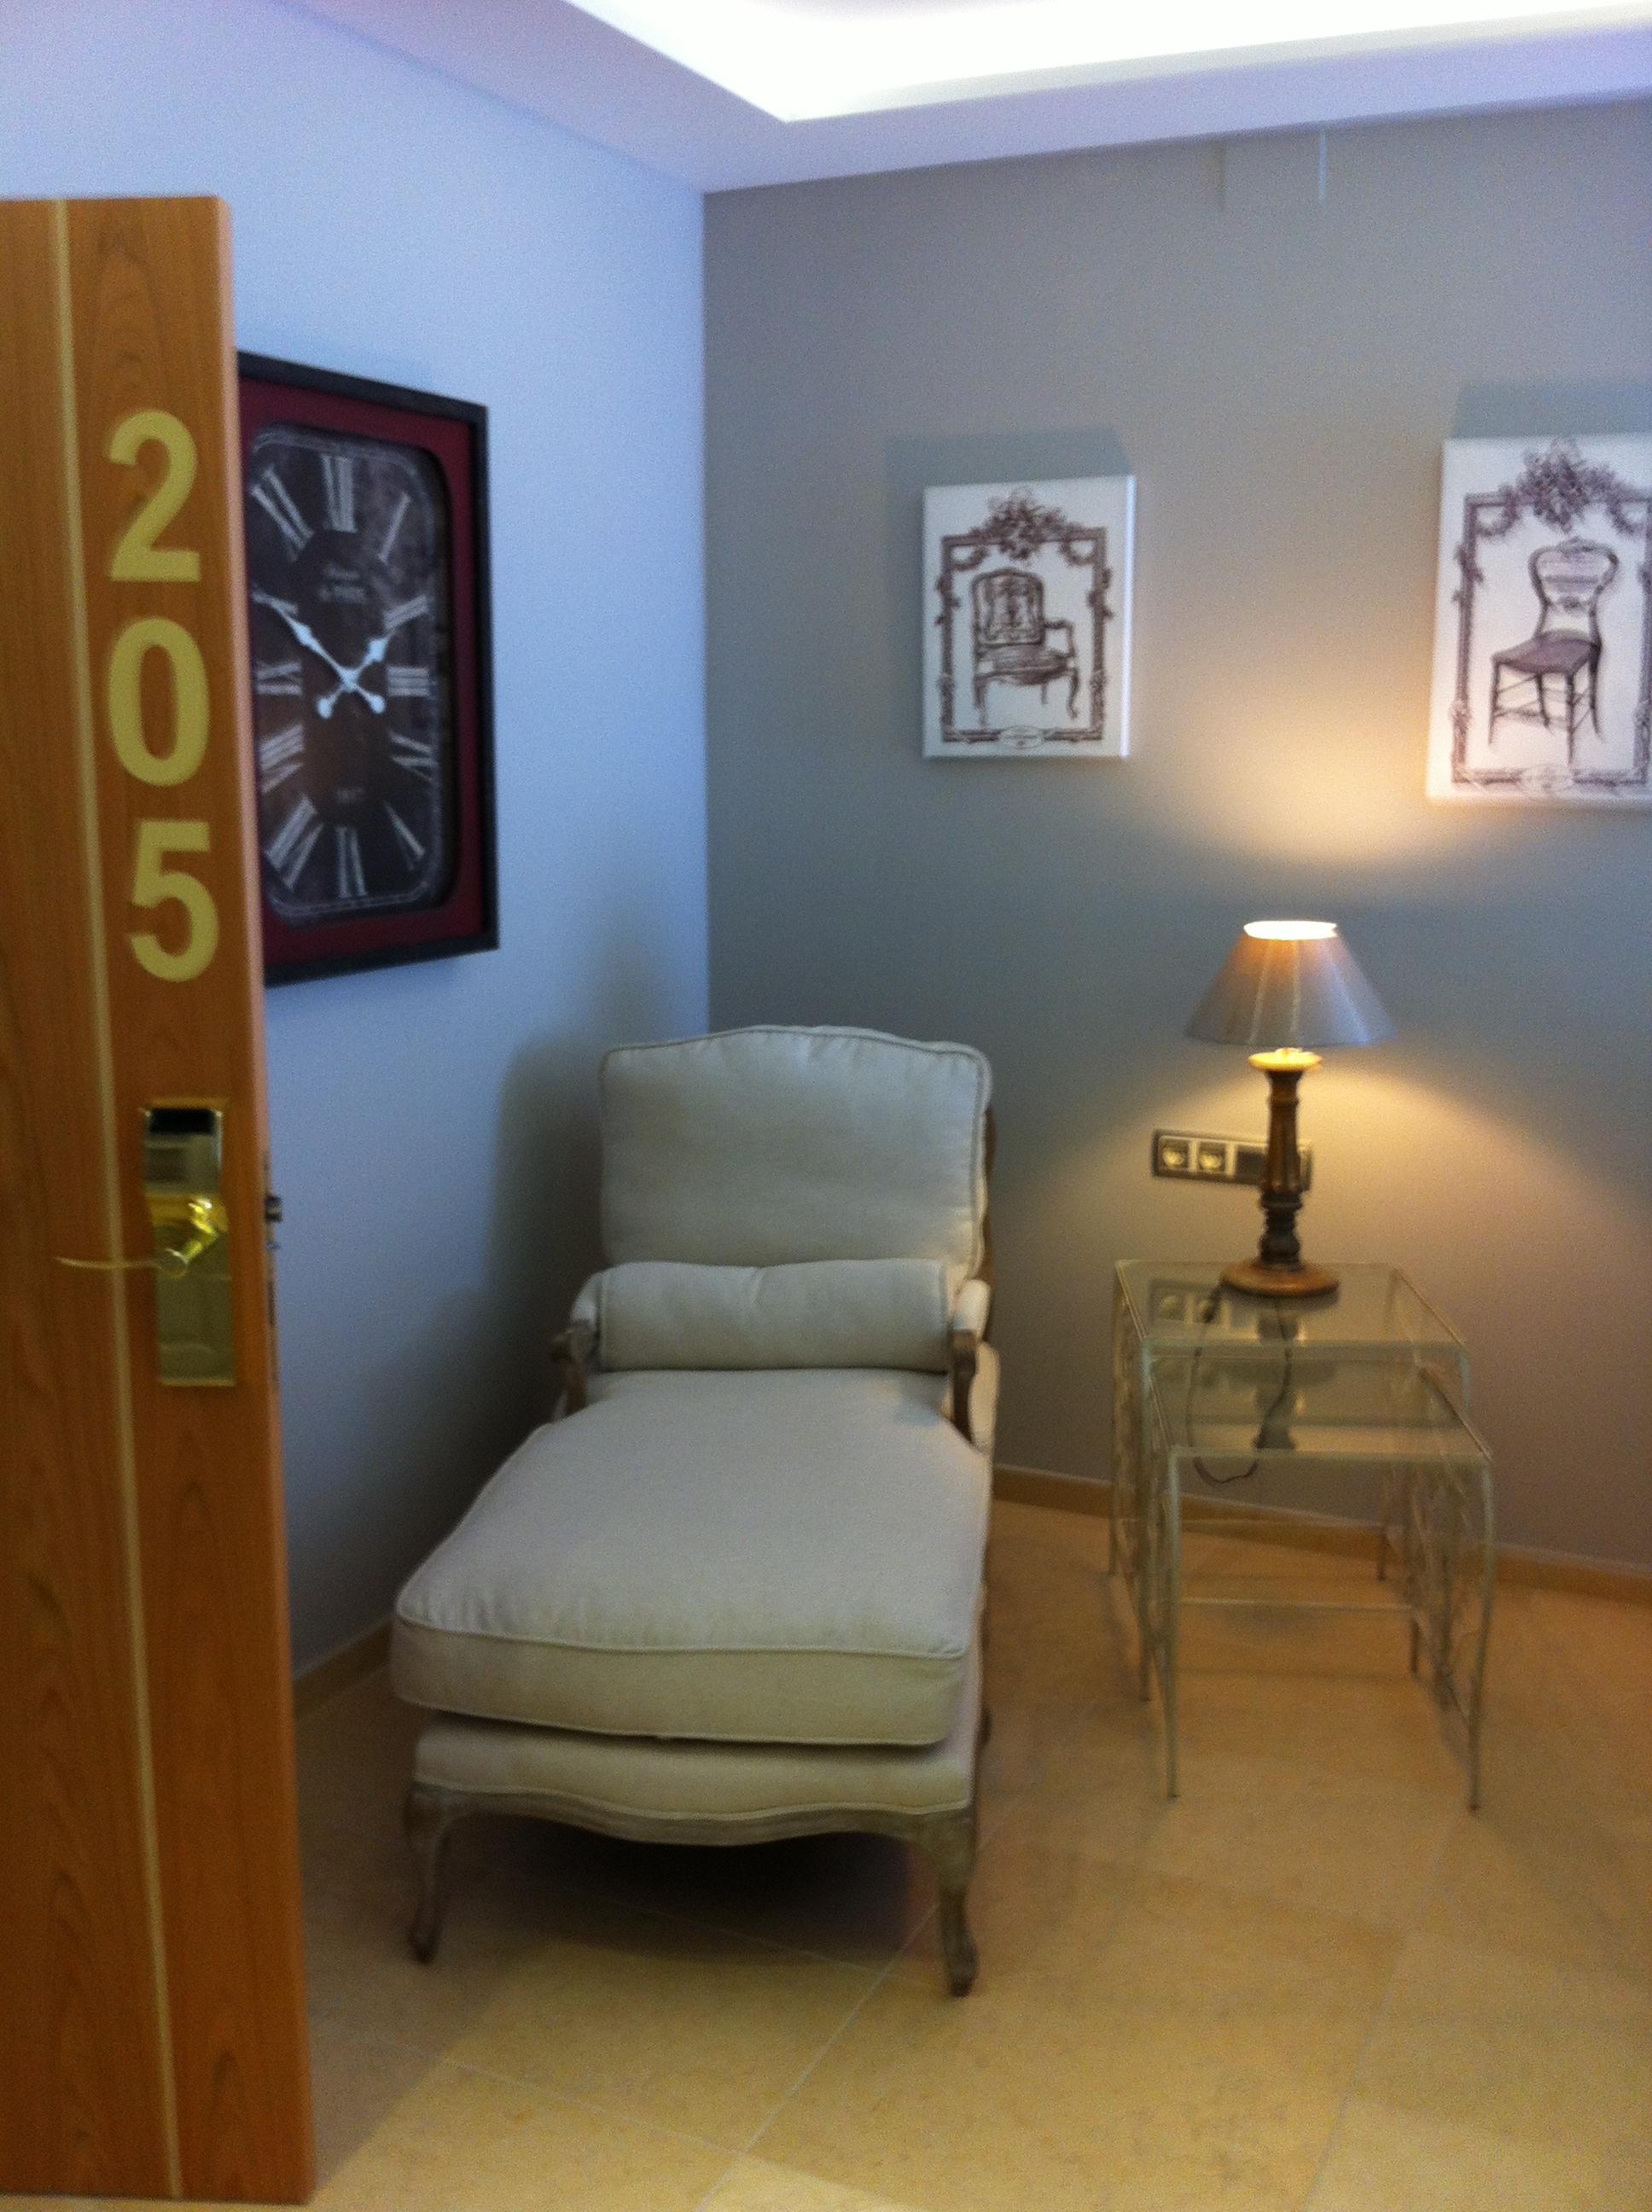 Muebles ceferino obtenga ideas dise o de muebles para su hogar aqu - Muebles en almazan ...